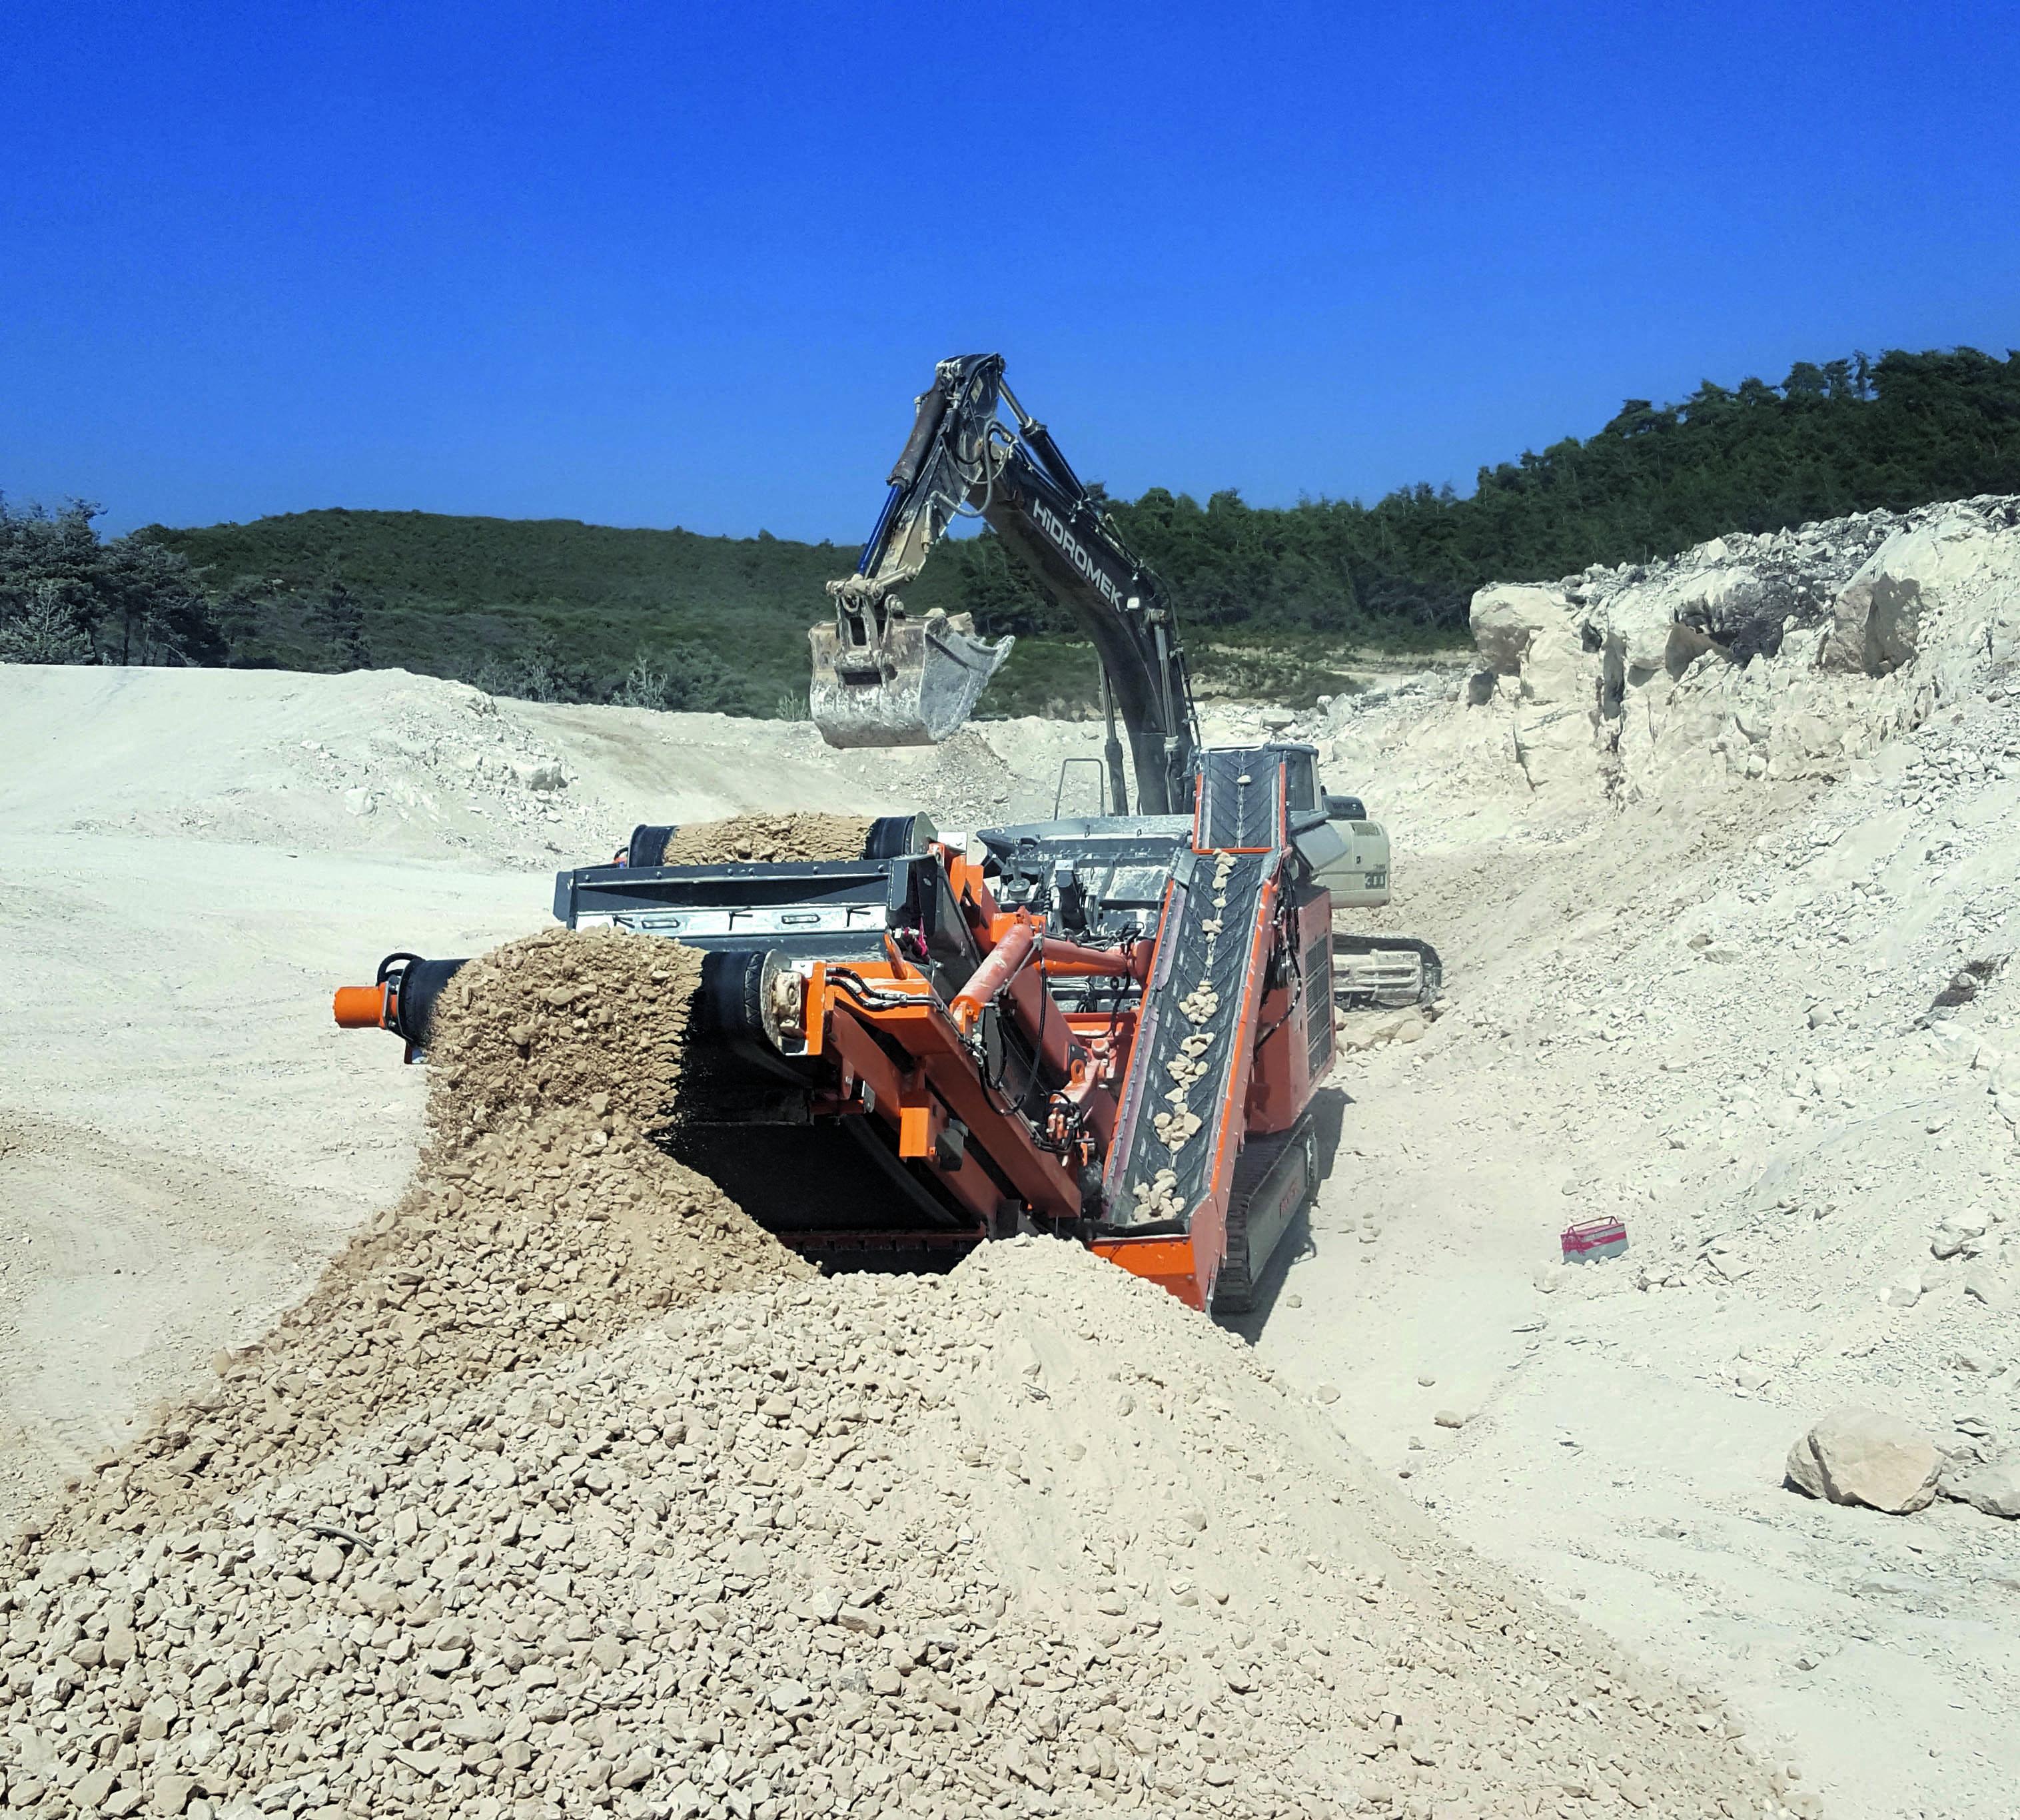 Einsatz des R1100S beim Einsatz im Straßenbau in der Region Gaziantep (Süd-Türkei), beim Brechen von Kalkstein auf 0-35 mm (Foto: Rockster)